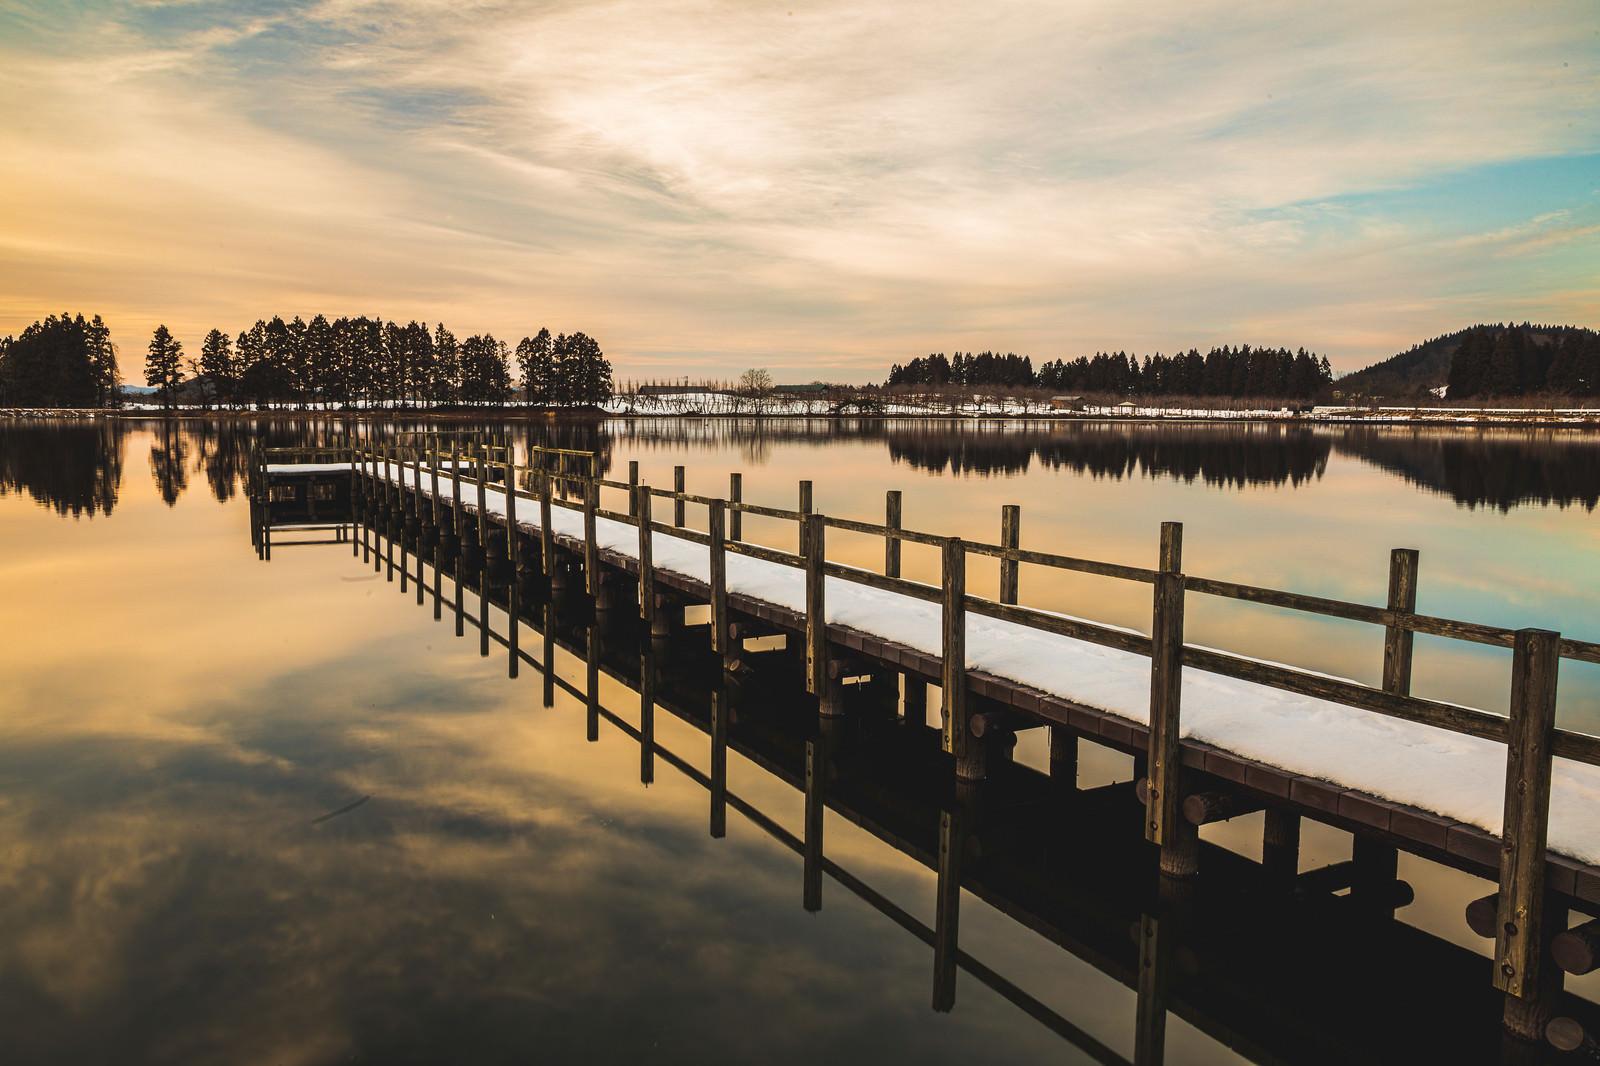 「夕焼けに染まる湖面と桟橋」の写真